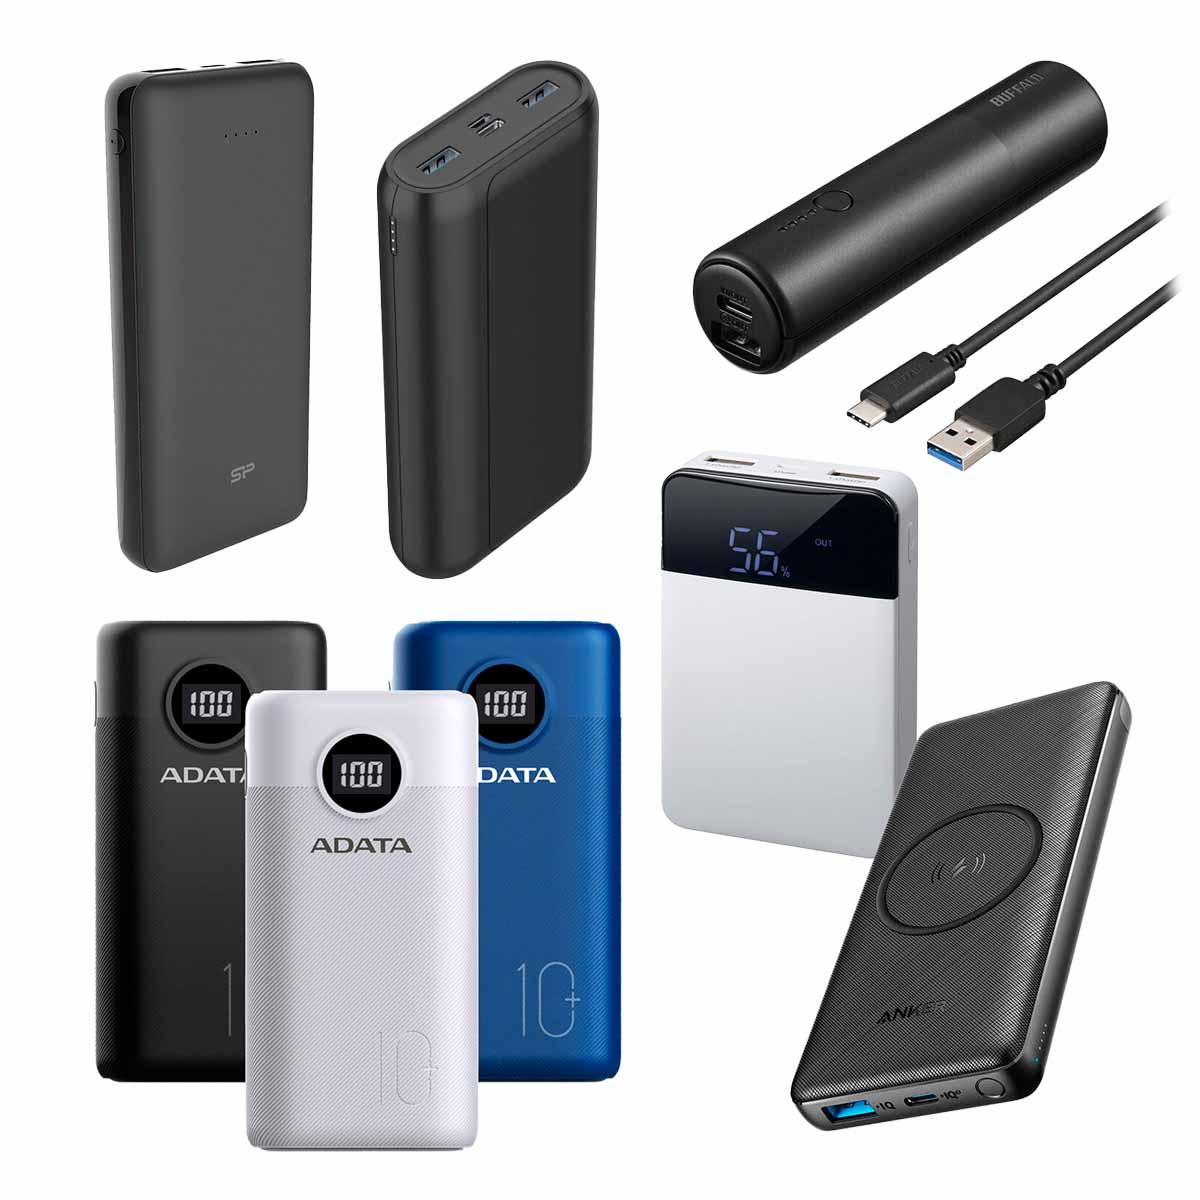 《2020年》失敗しないモバイルバッテリーの選び方とおすすめ8製品